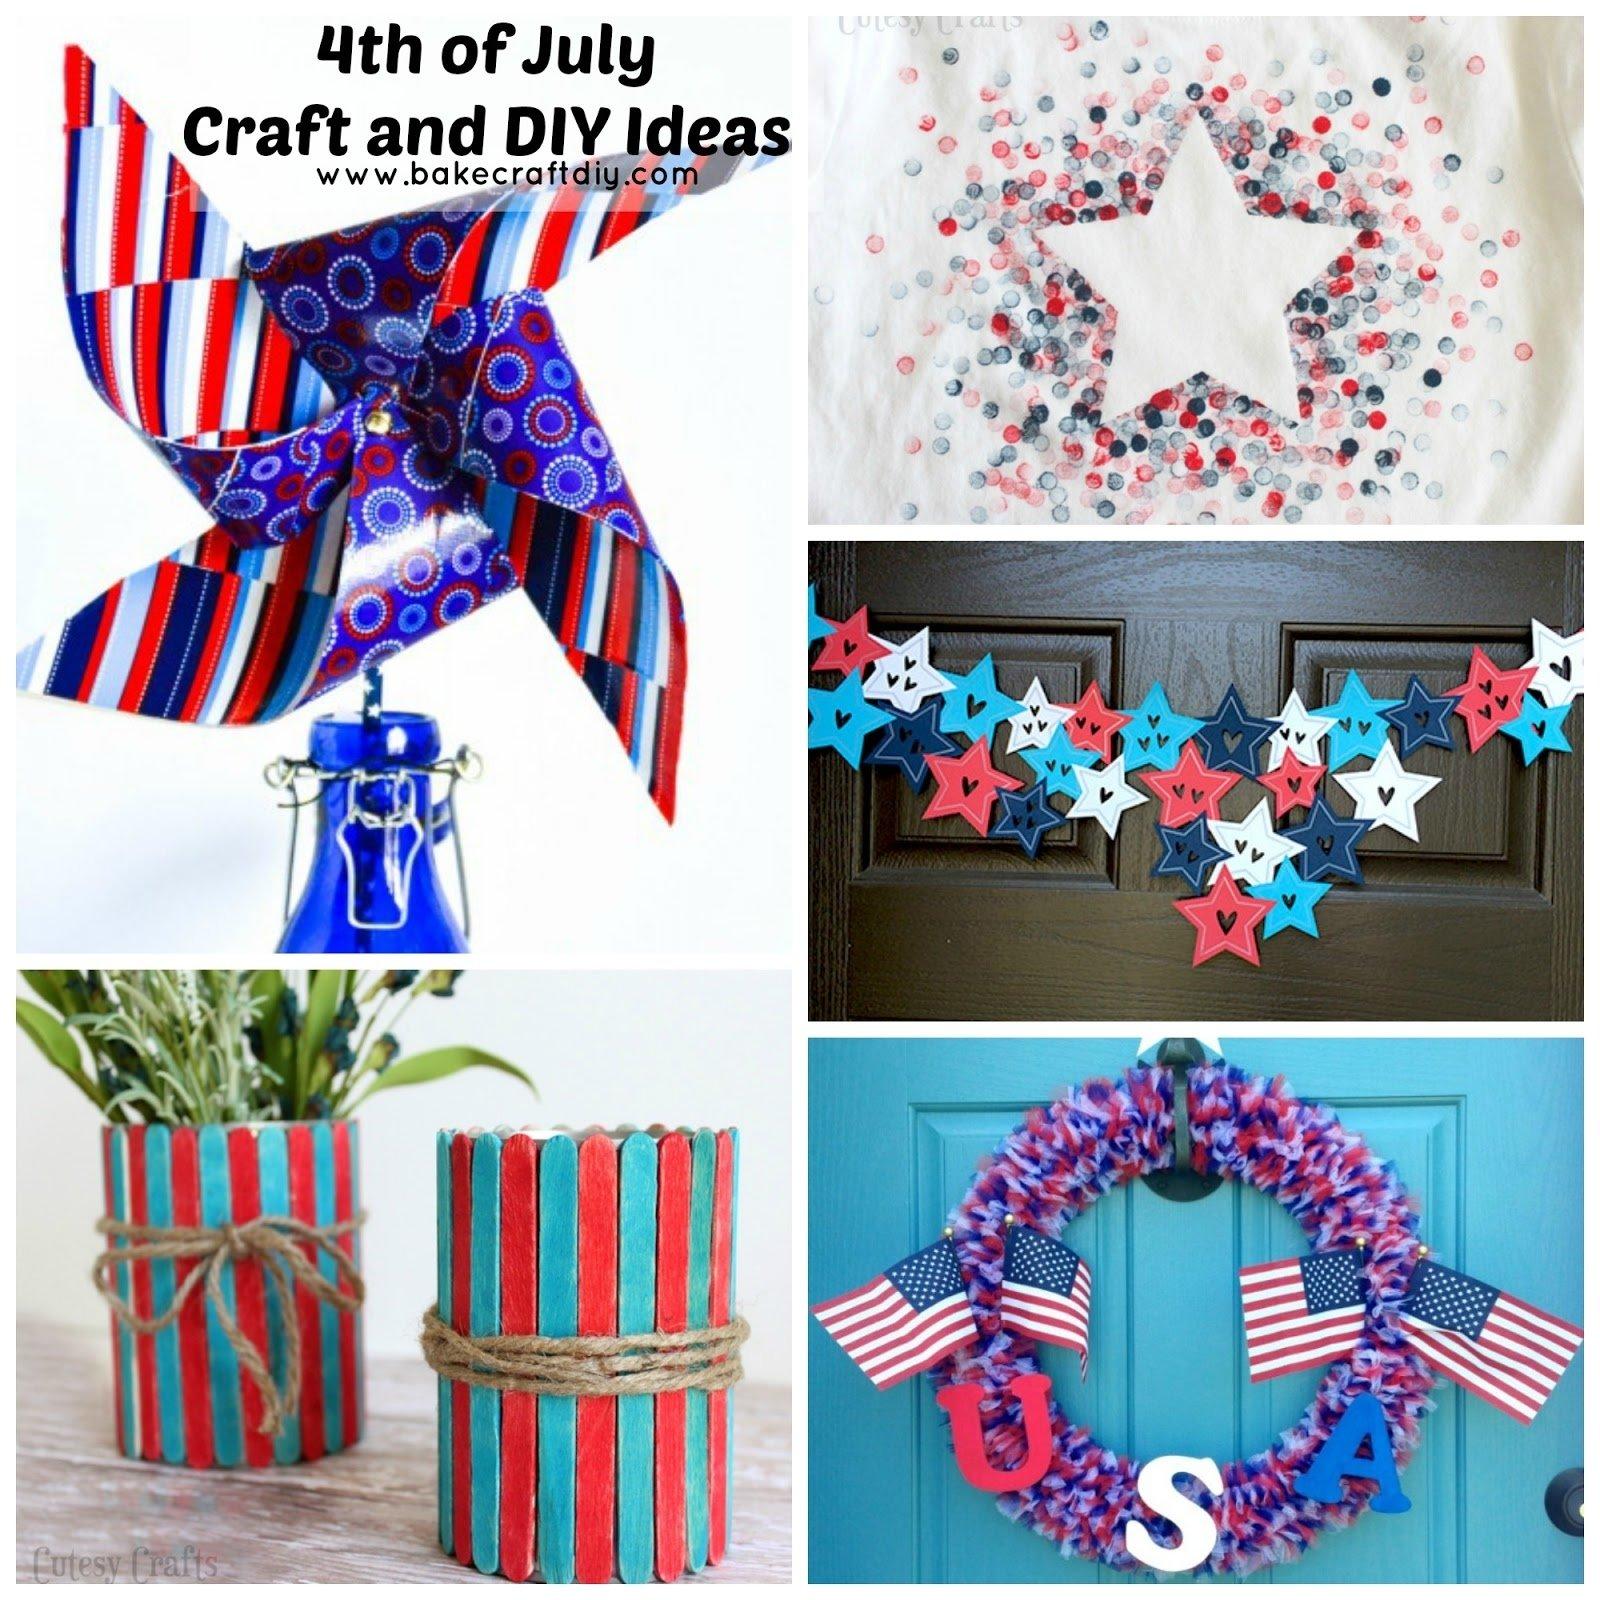 10 Amazing Fun 4Th Of July Ideas bake craft diy 4th of july crafts and diy ideas 2021